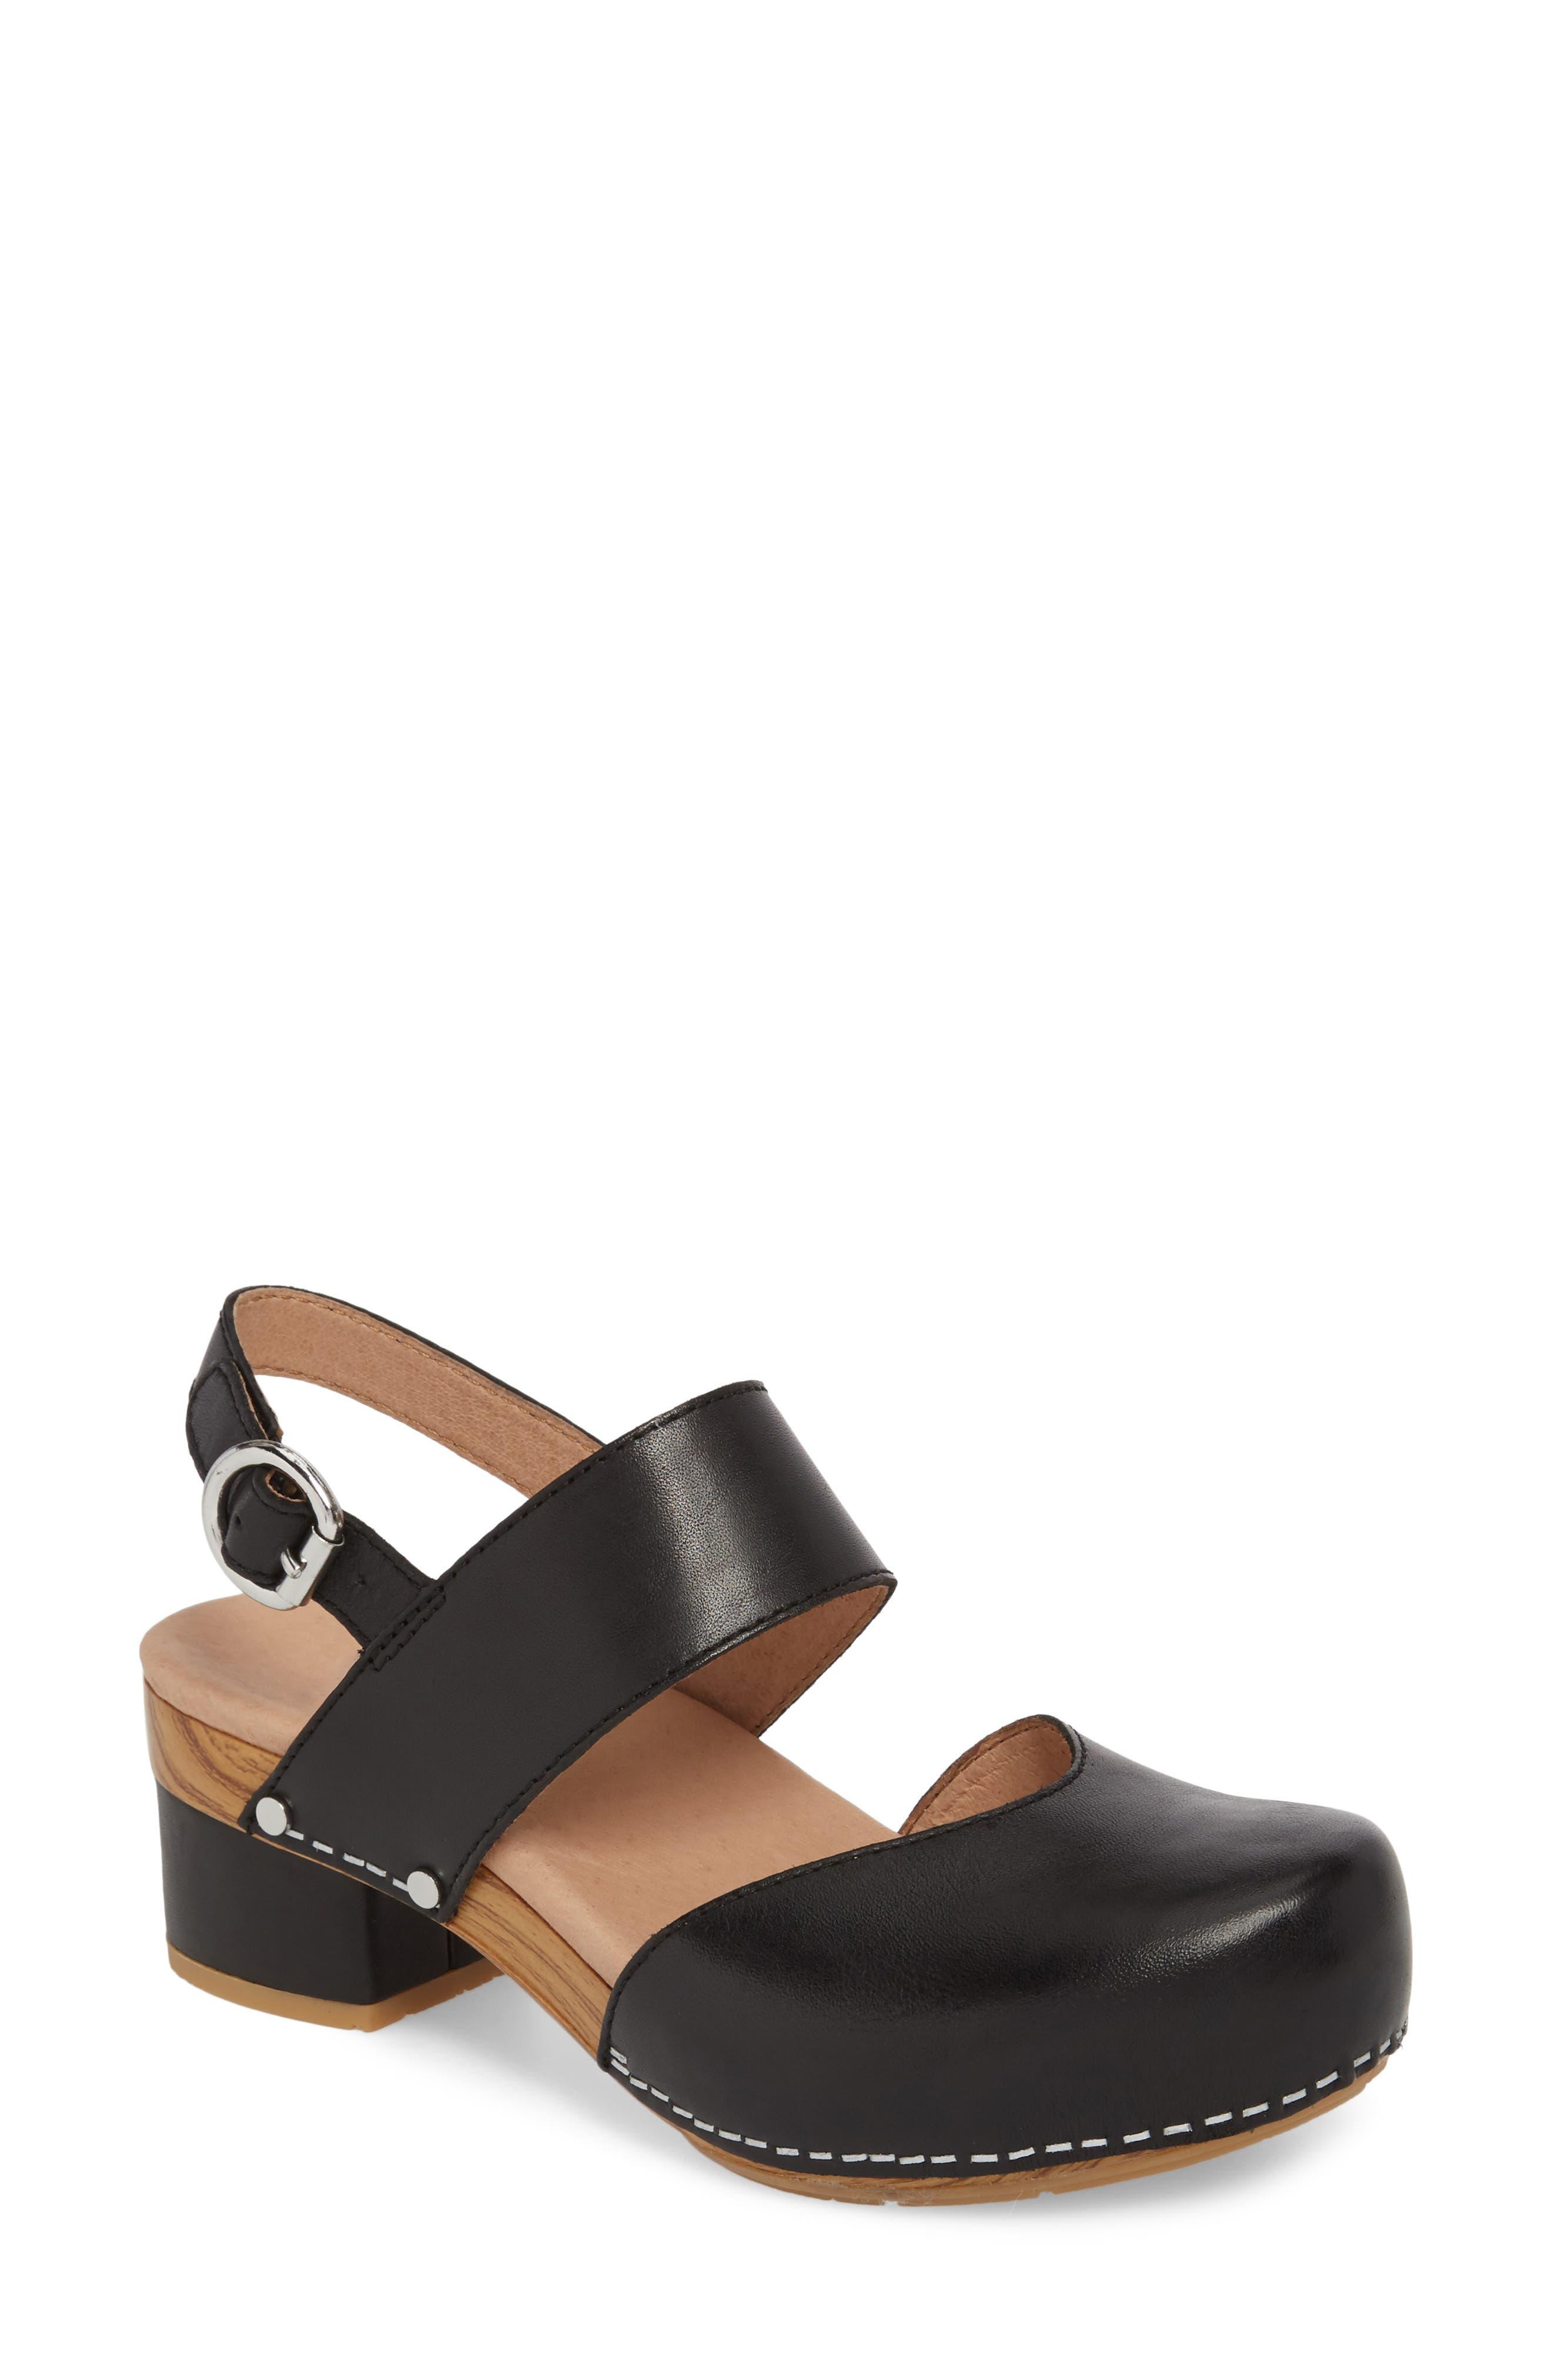 Dansko Heels, Pumps & High Heel Shoes for Women Women Women | Nordstrom 6098ca